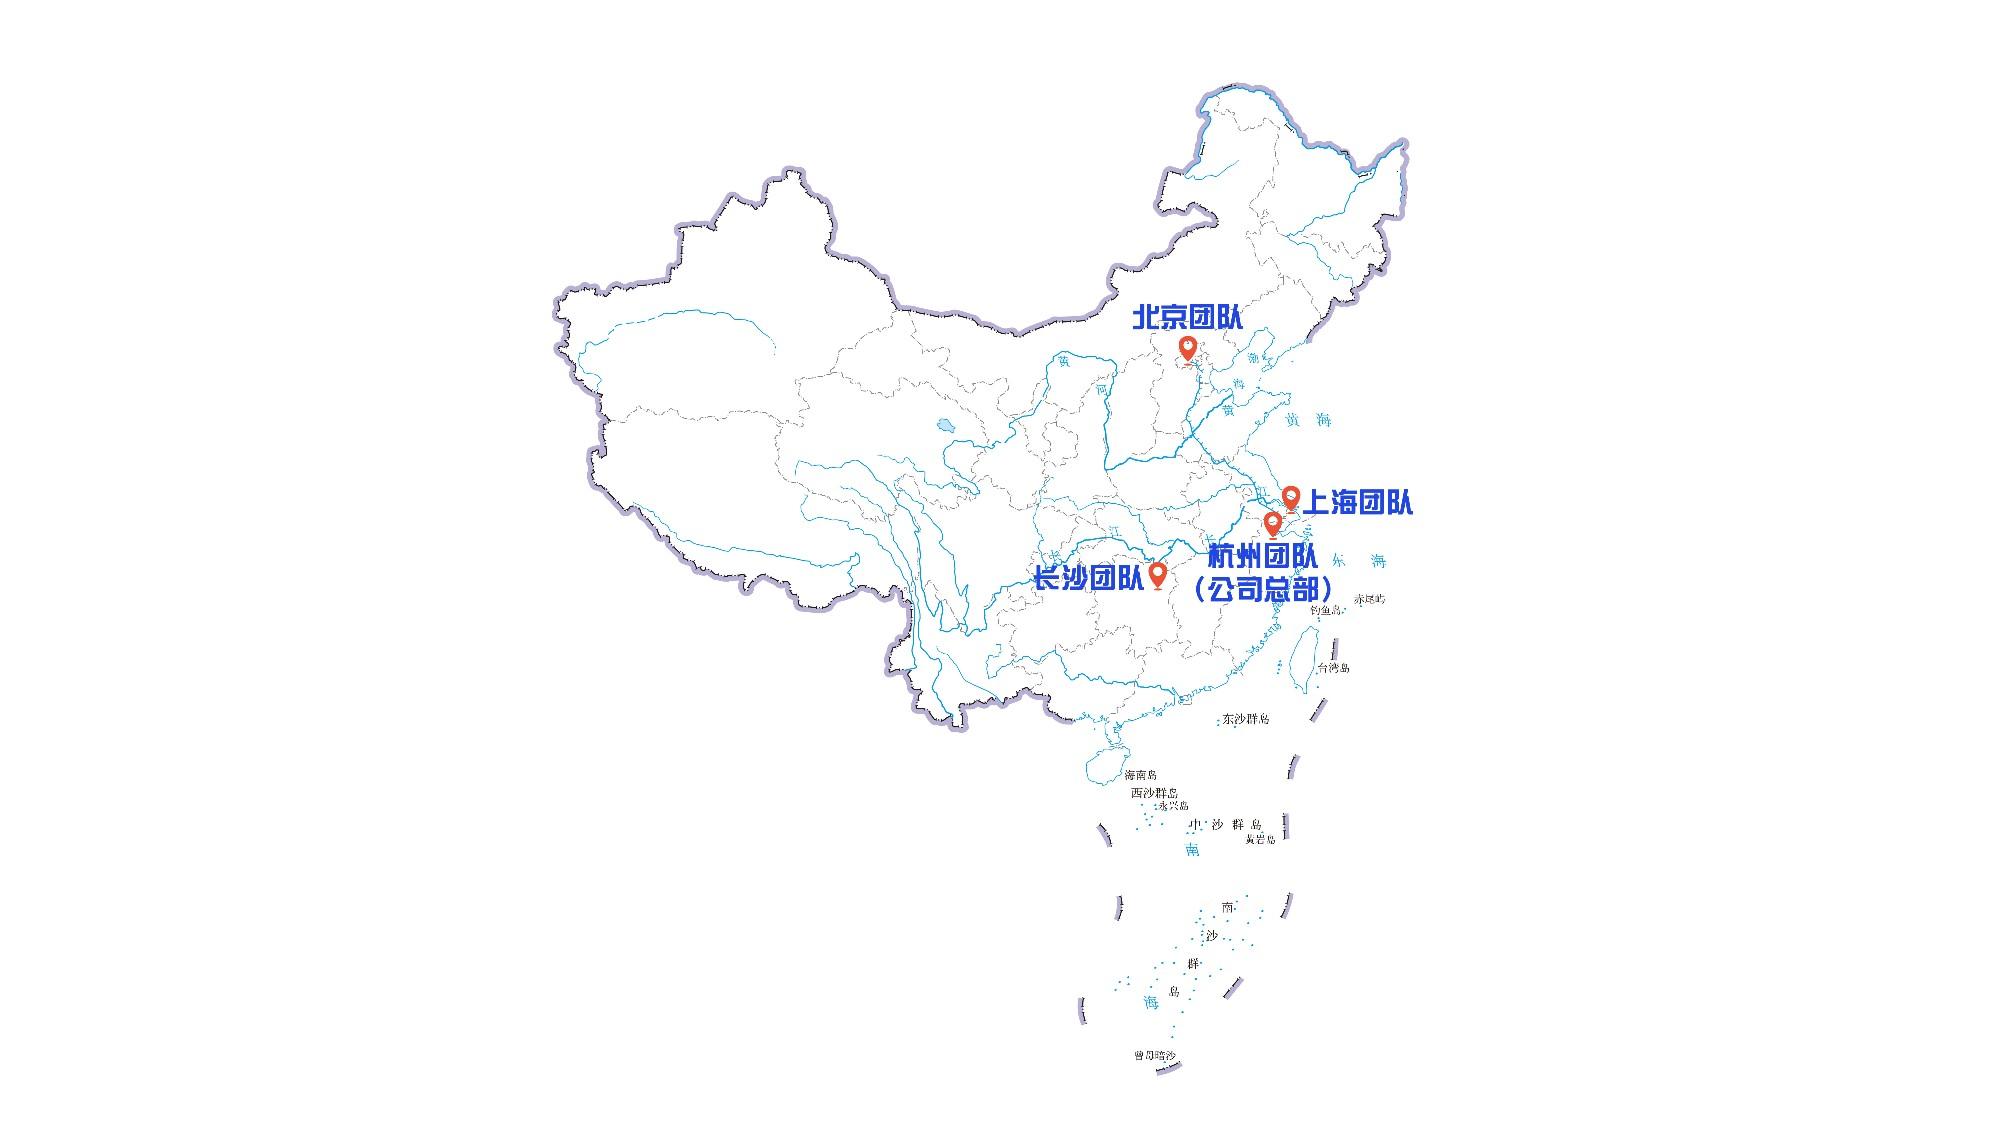 四地公司地图分布.jpg